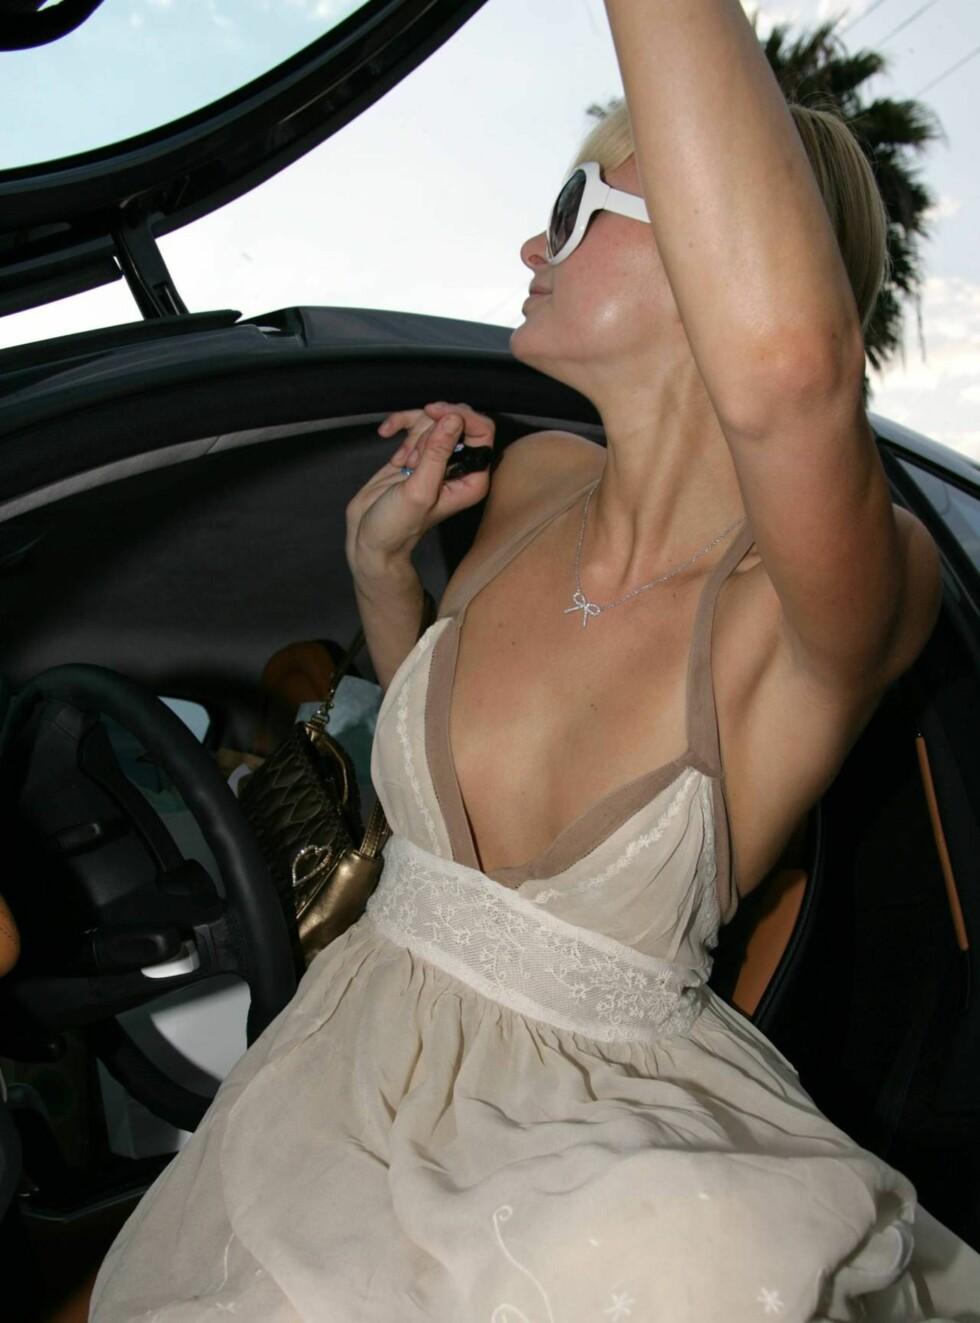 DÅRLIG STIL: Milliardærarvingen Paris Hilton er en av de mest fotograferte kjendisene, men har ikke lært seg limo-knepene. Foto: All Over Press